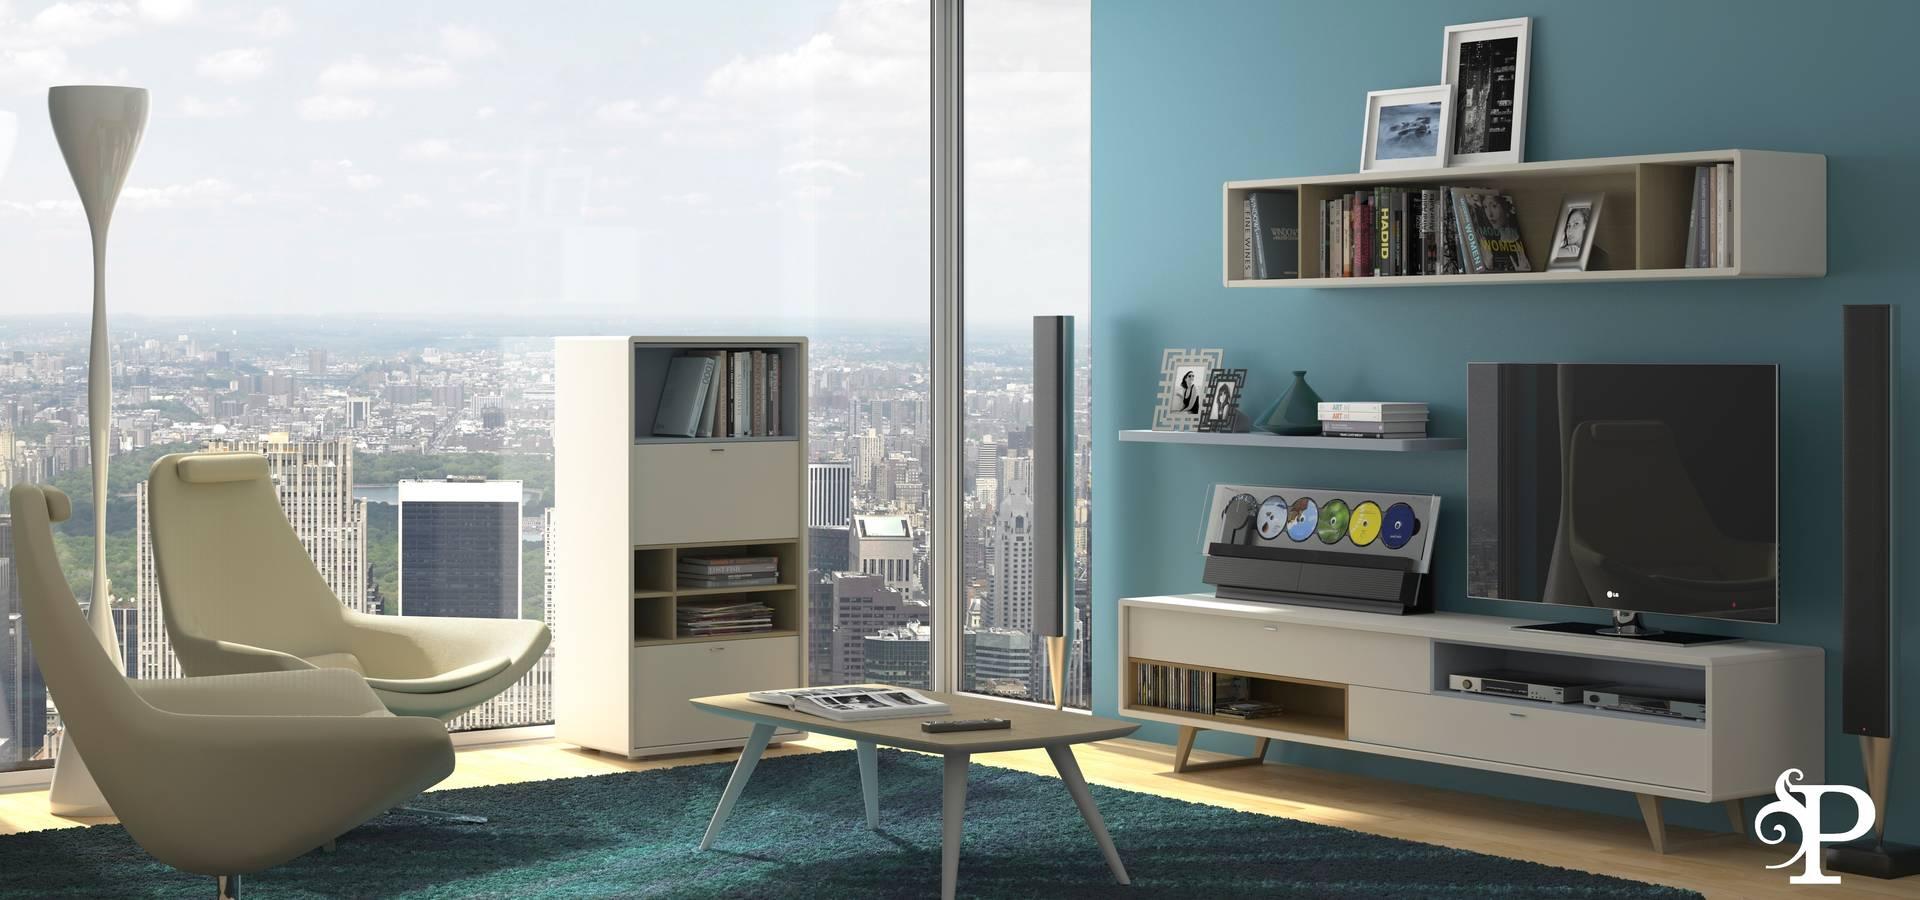 Estilo n rdico escandinavo de mobiliario y decoraci n for Mobiliario y decoracion